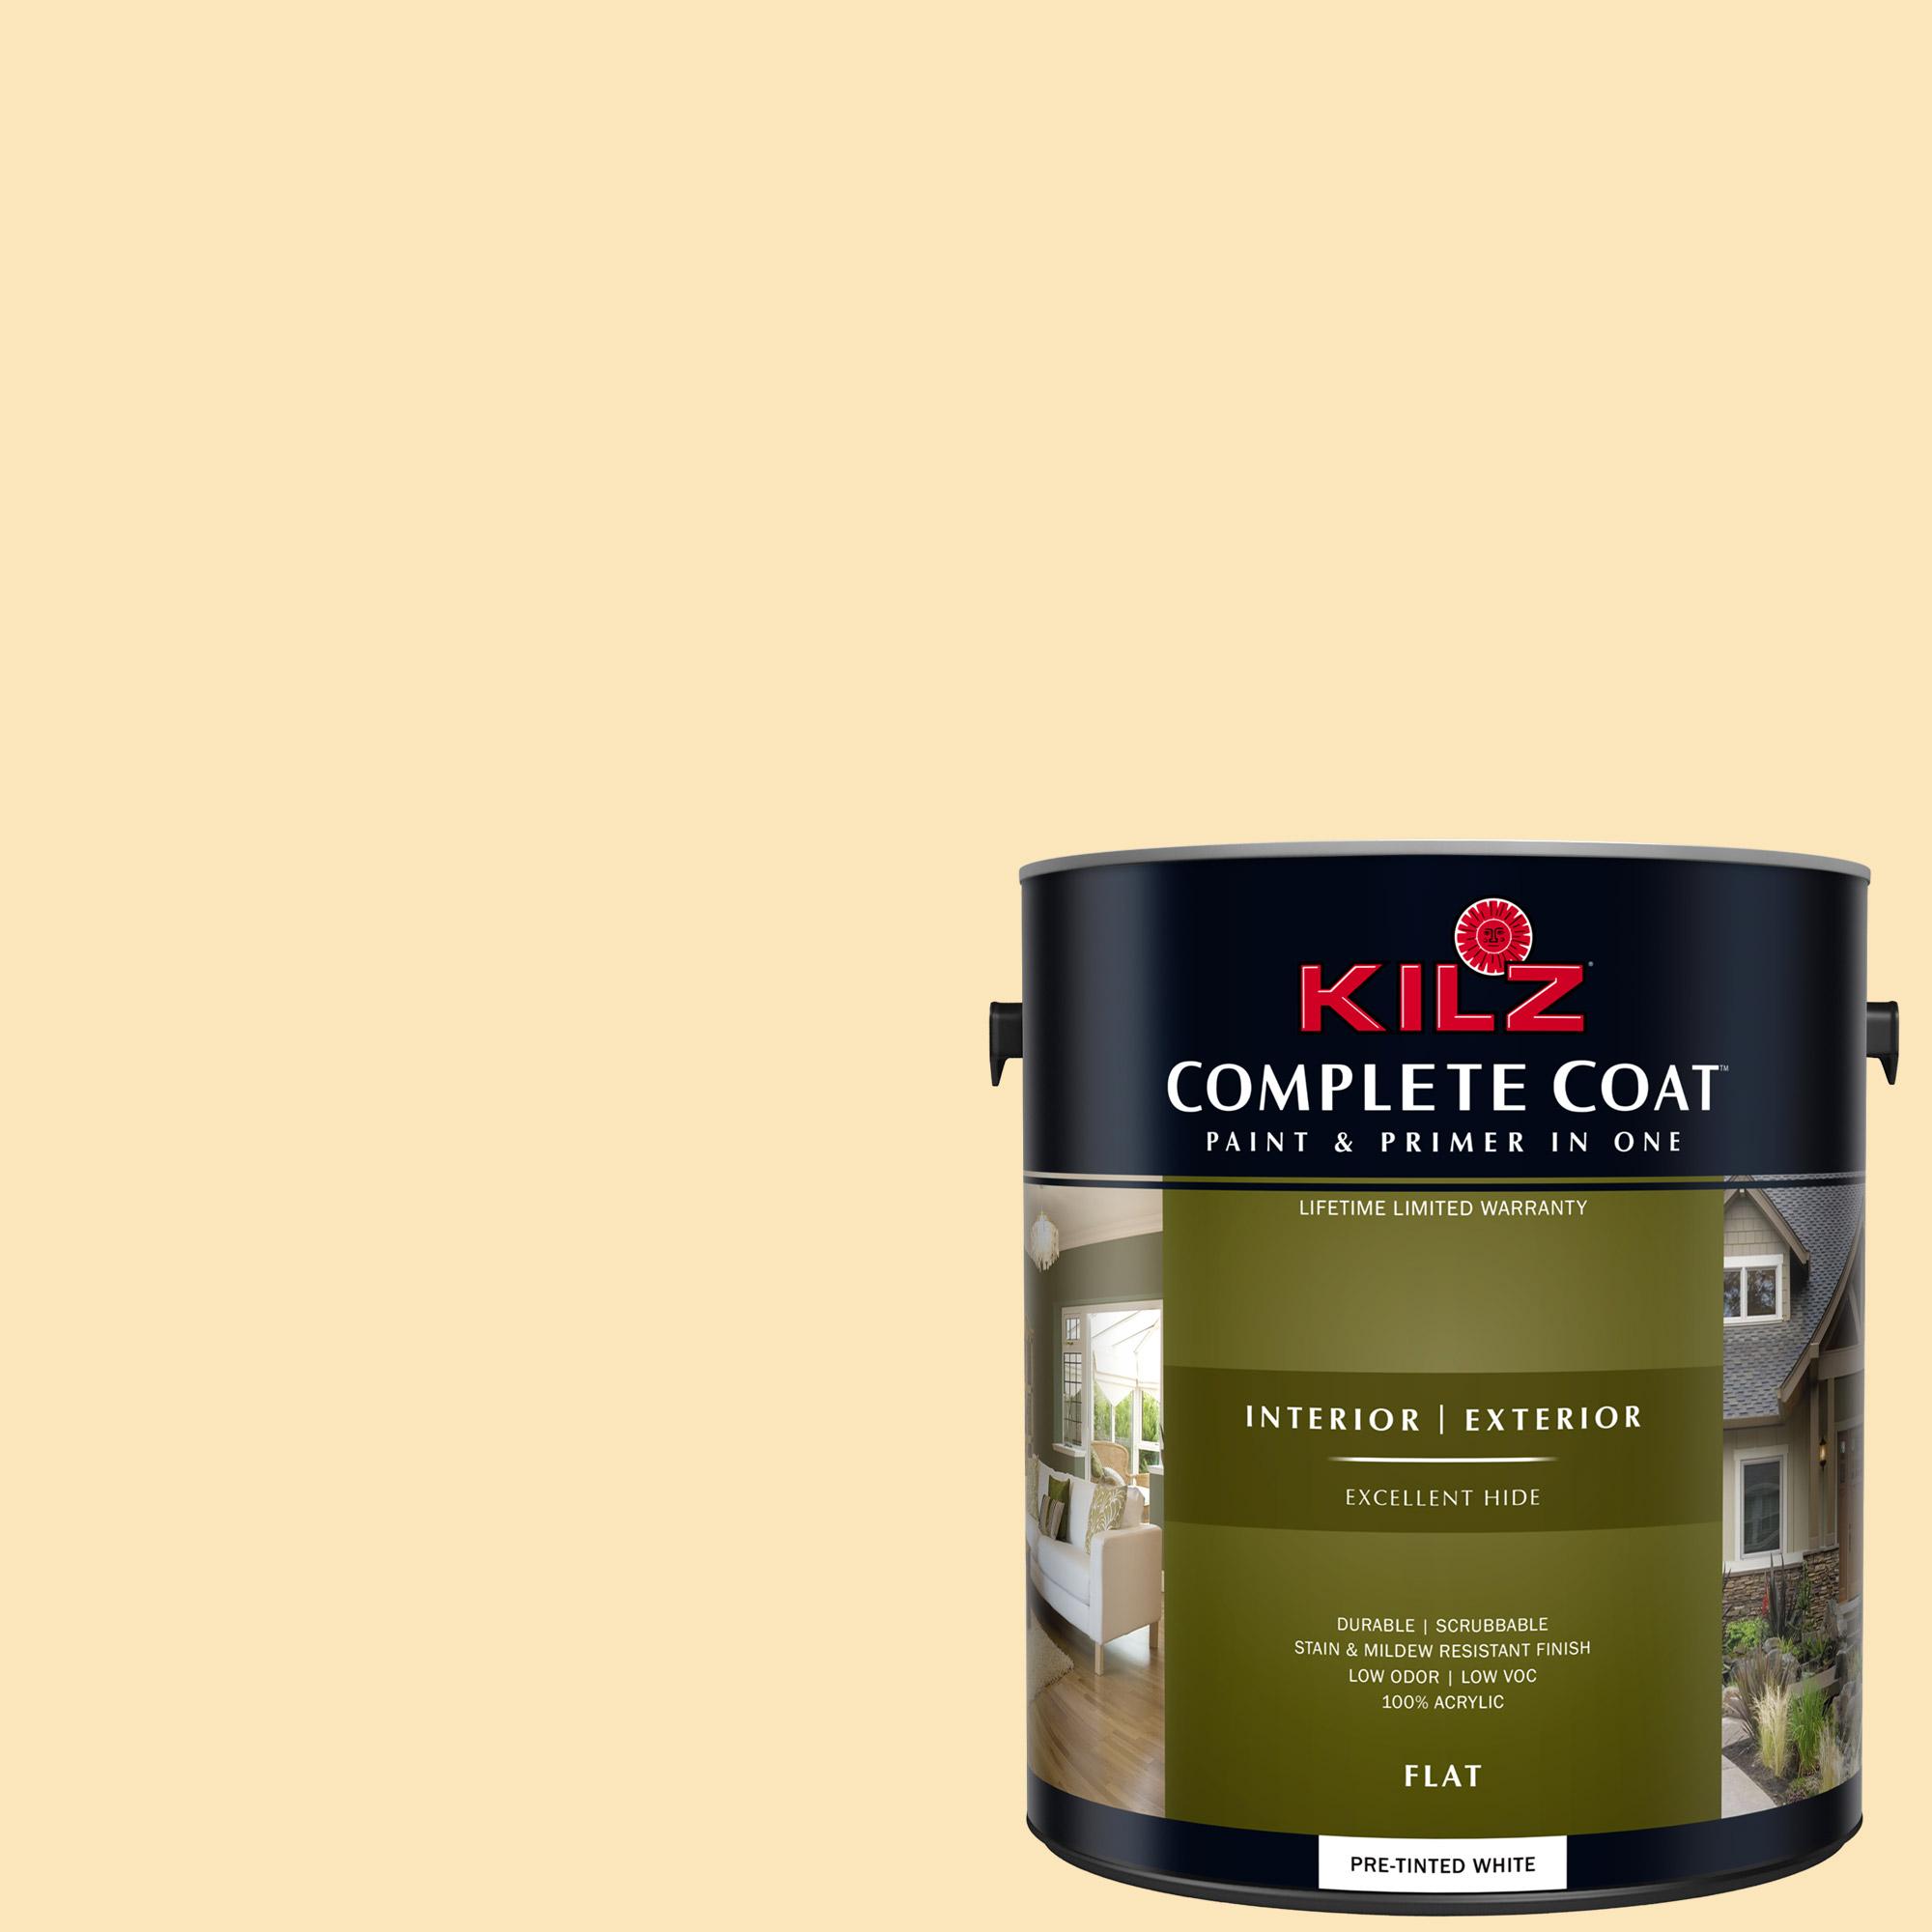 KILZ COMPLETE COAT Interior/Exterior Paint & Primer in One #LD230-01 Magnolia